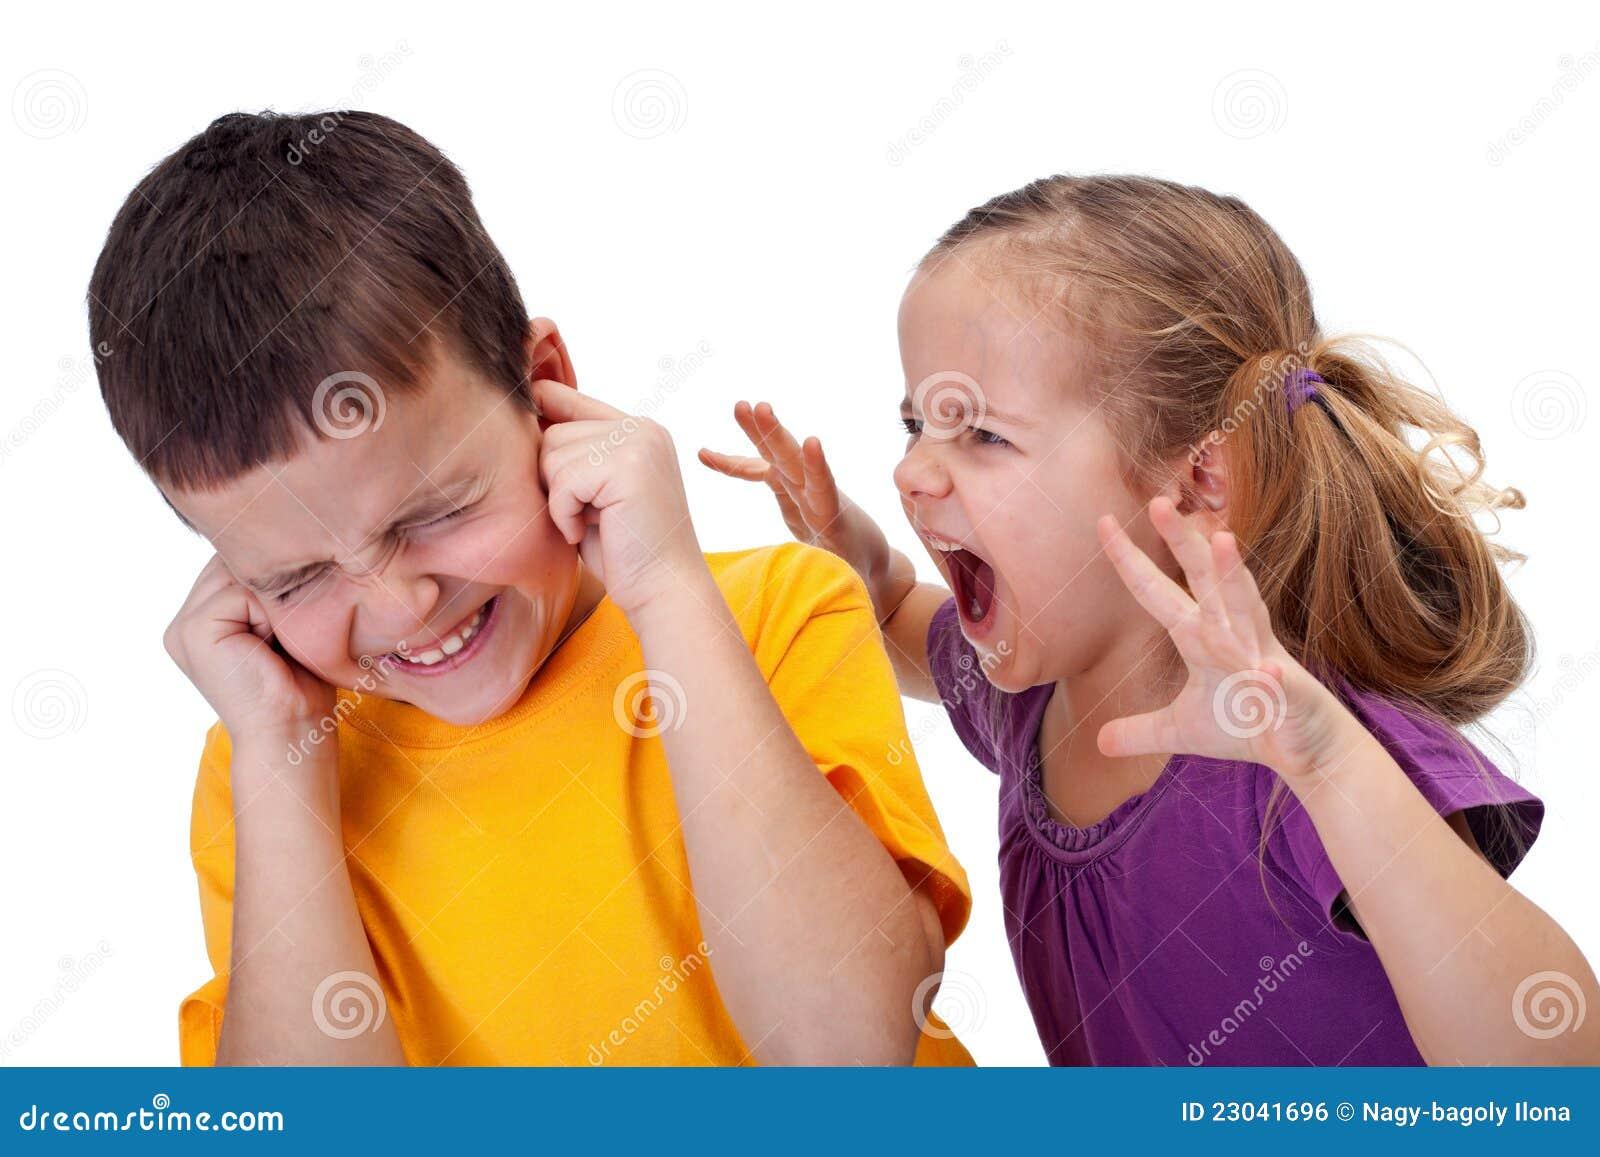 De ruzie van jonge geitjes meisje dat in woede schreeuwt royalty vrije stock afbeelding - Foto tiener ruimte meisje ...